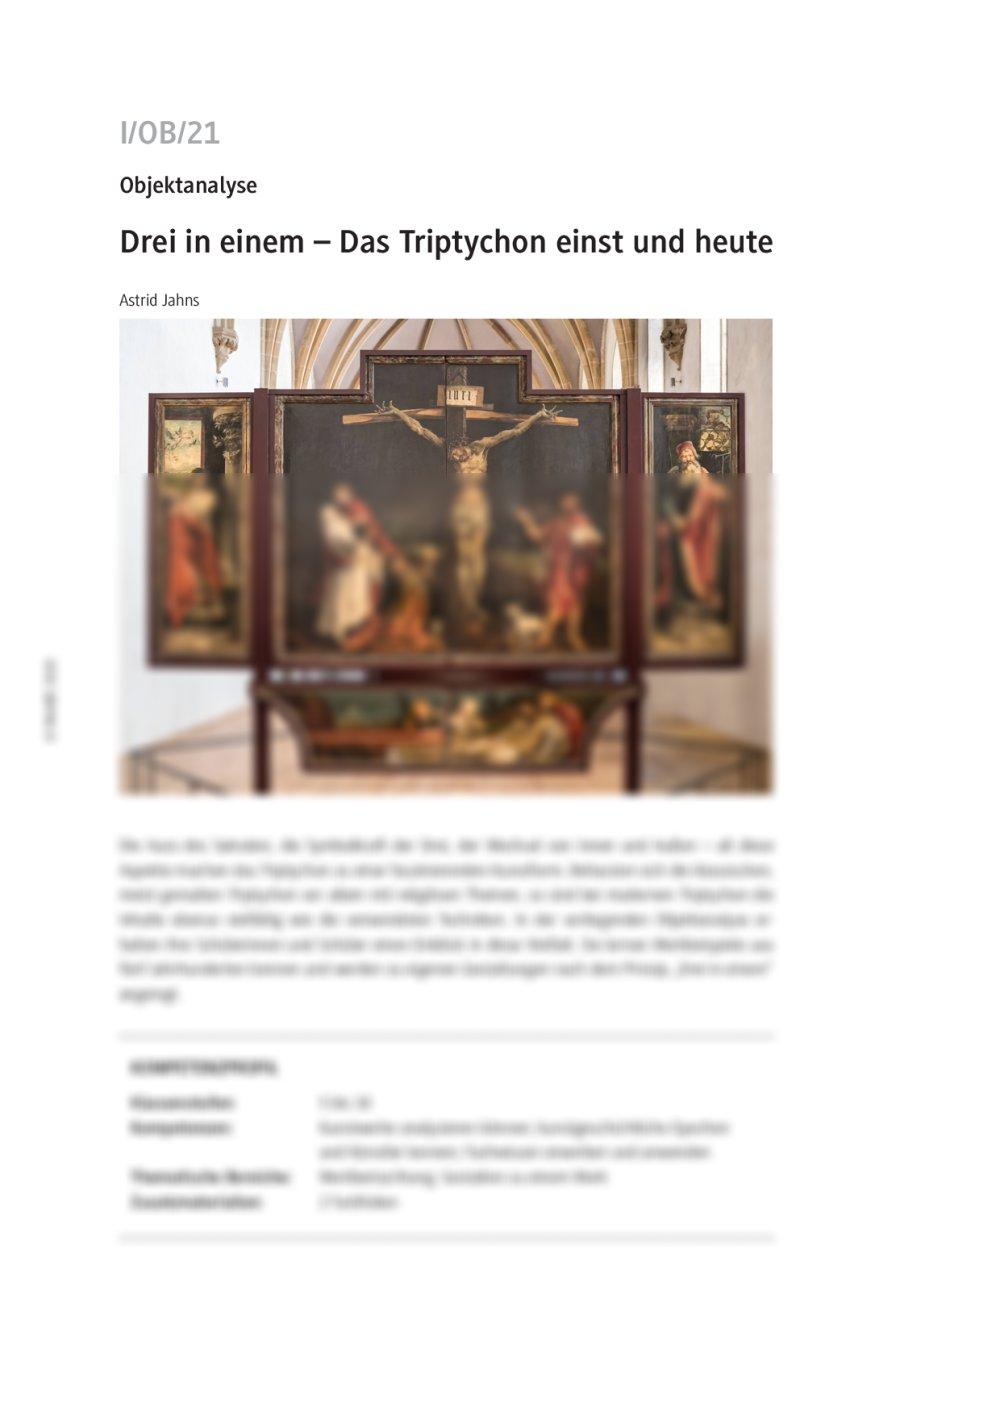 Das Triptychon einst und heute - Seite 1